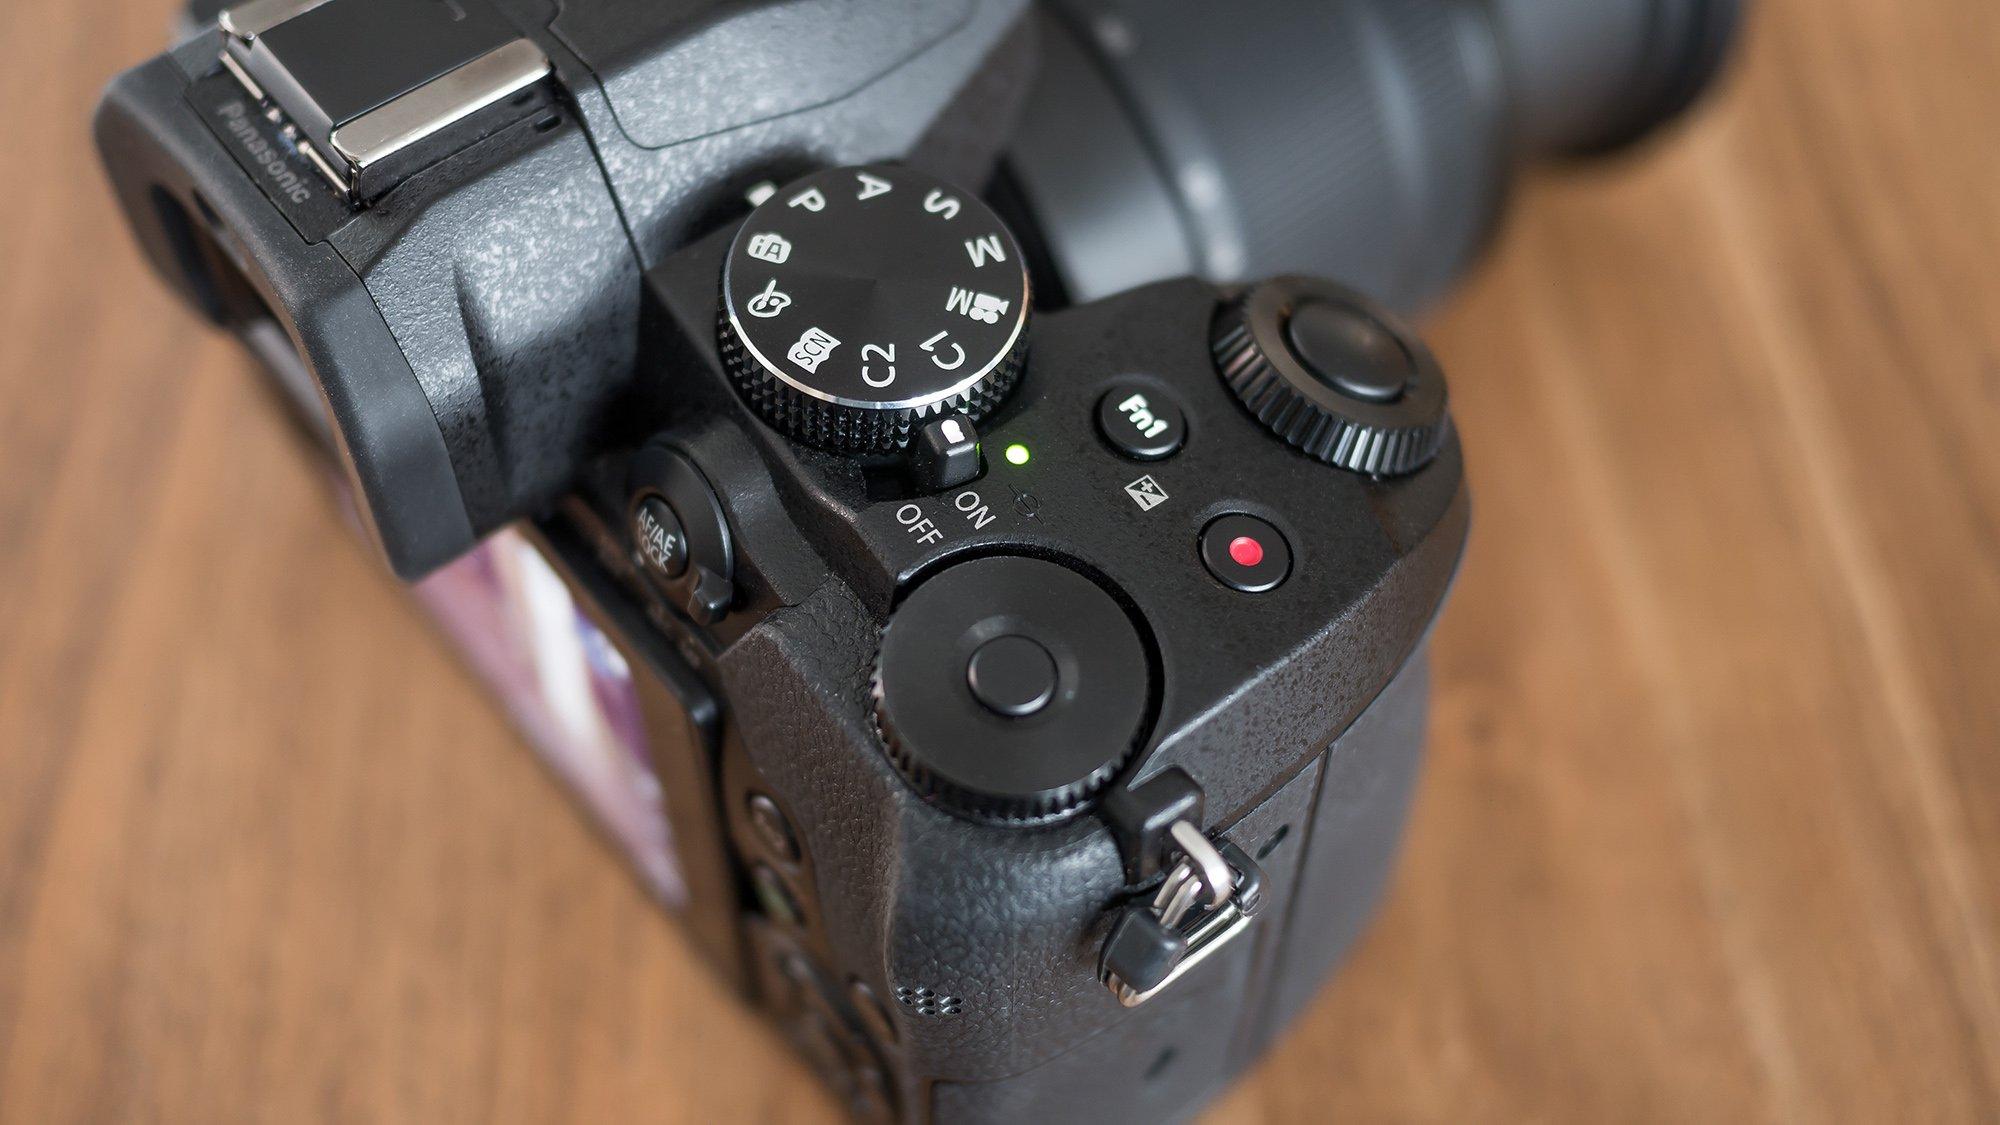 Panasonic G80 dials